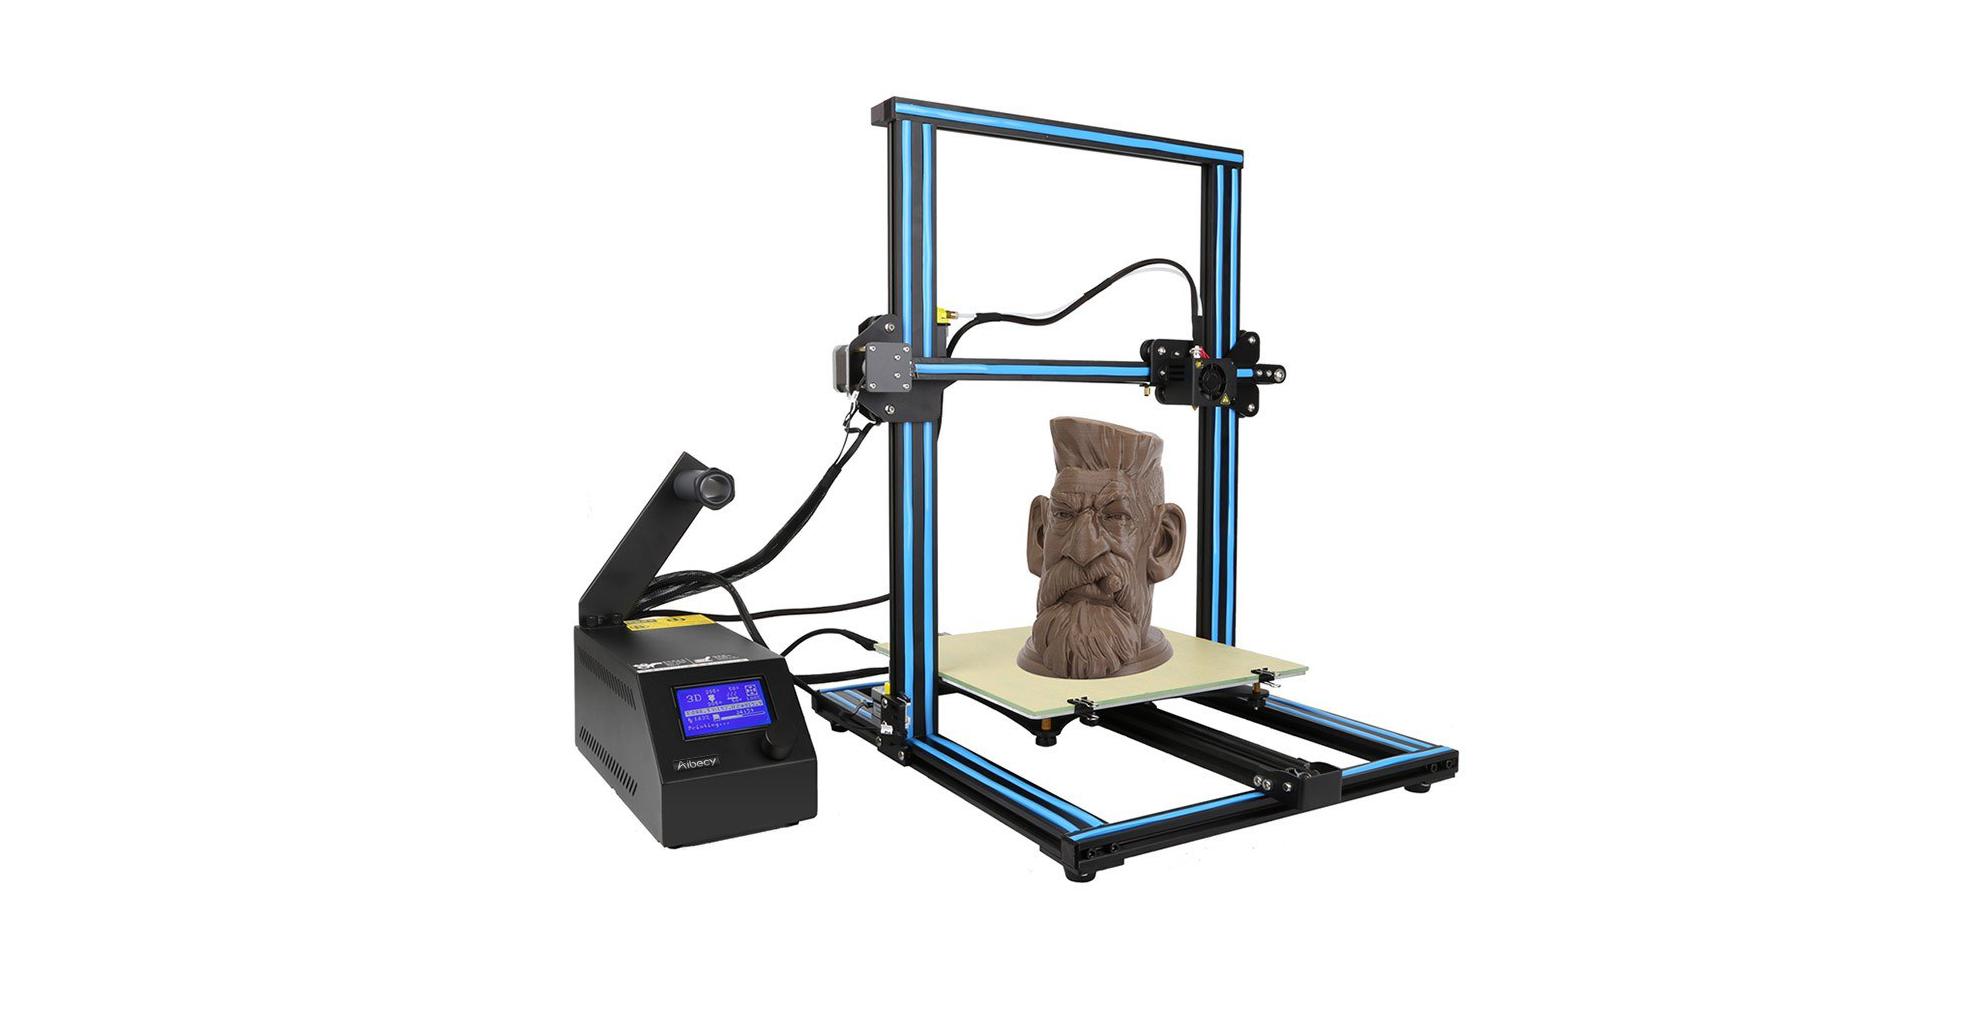 Skvělá 3D tiskárna Creality 3D nyní s 52% slevou! [sponzorovaný článek]